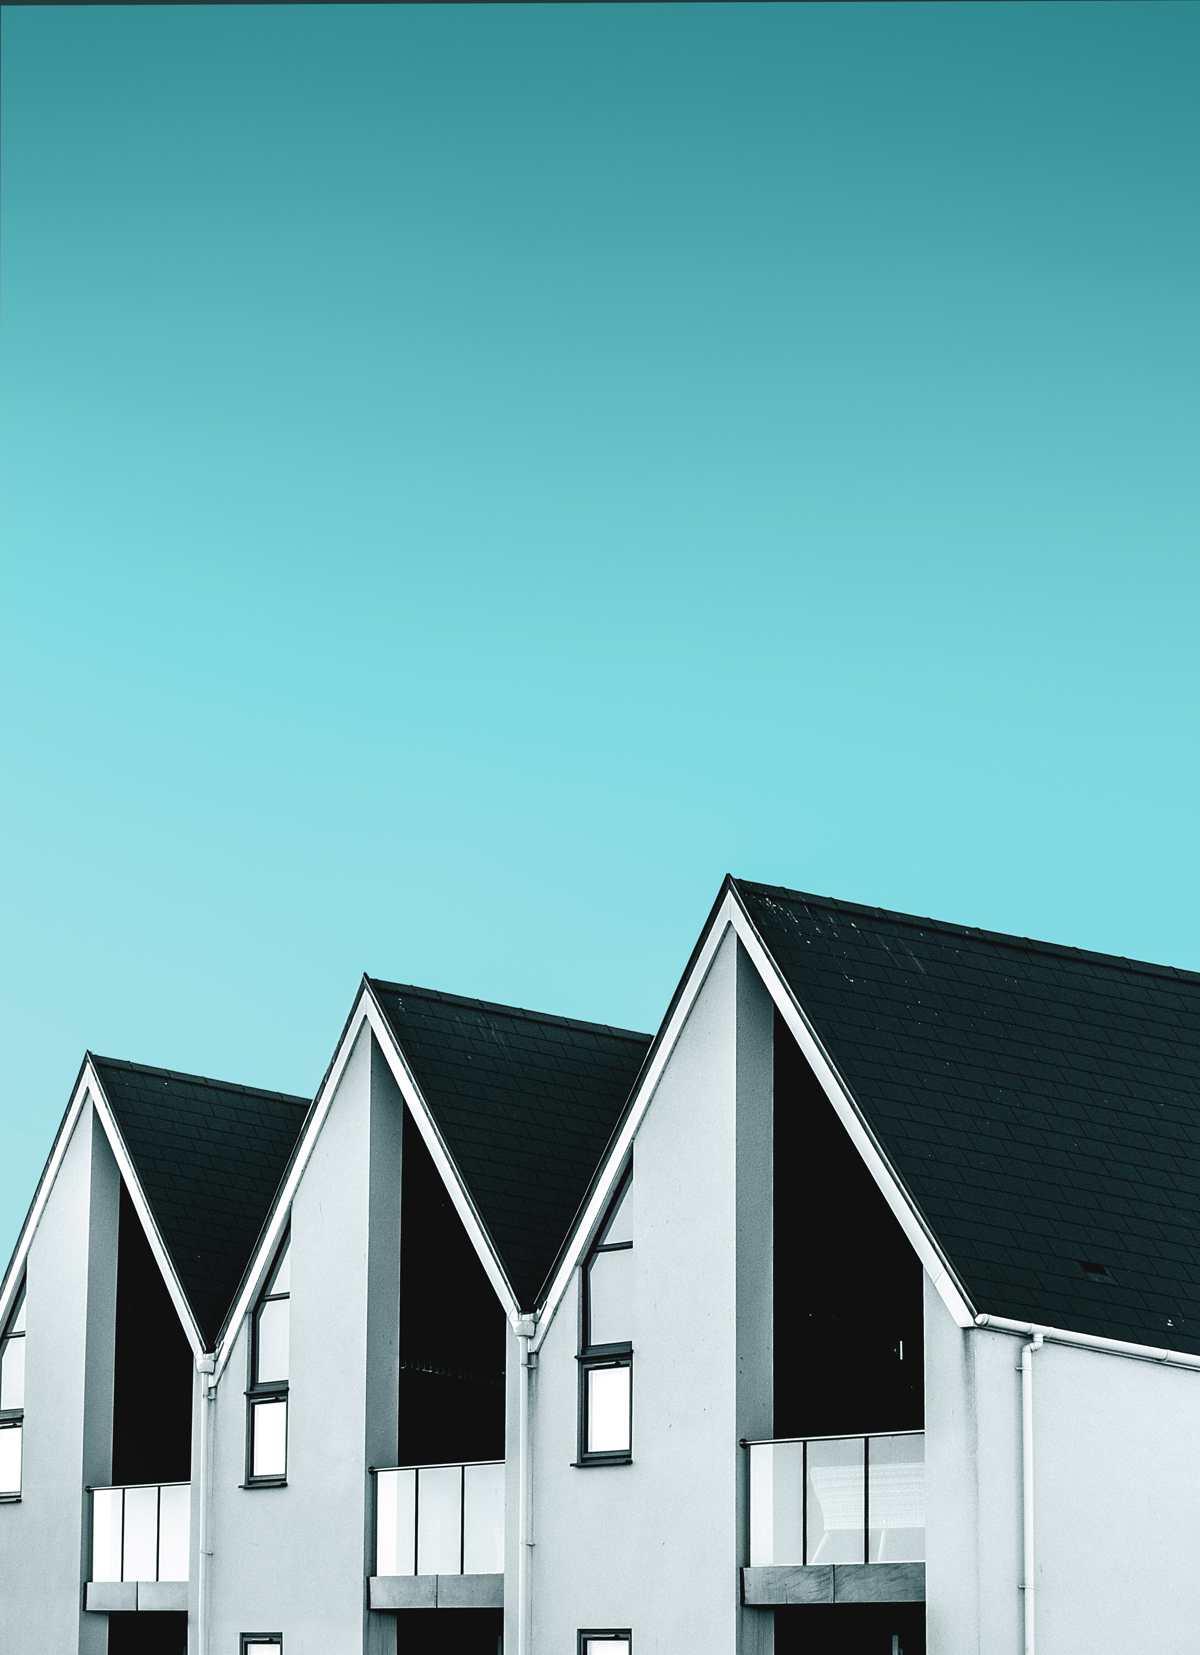 Dachowe płyty warstwowe – co trzeba wiedzieć przed montażem?